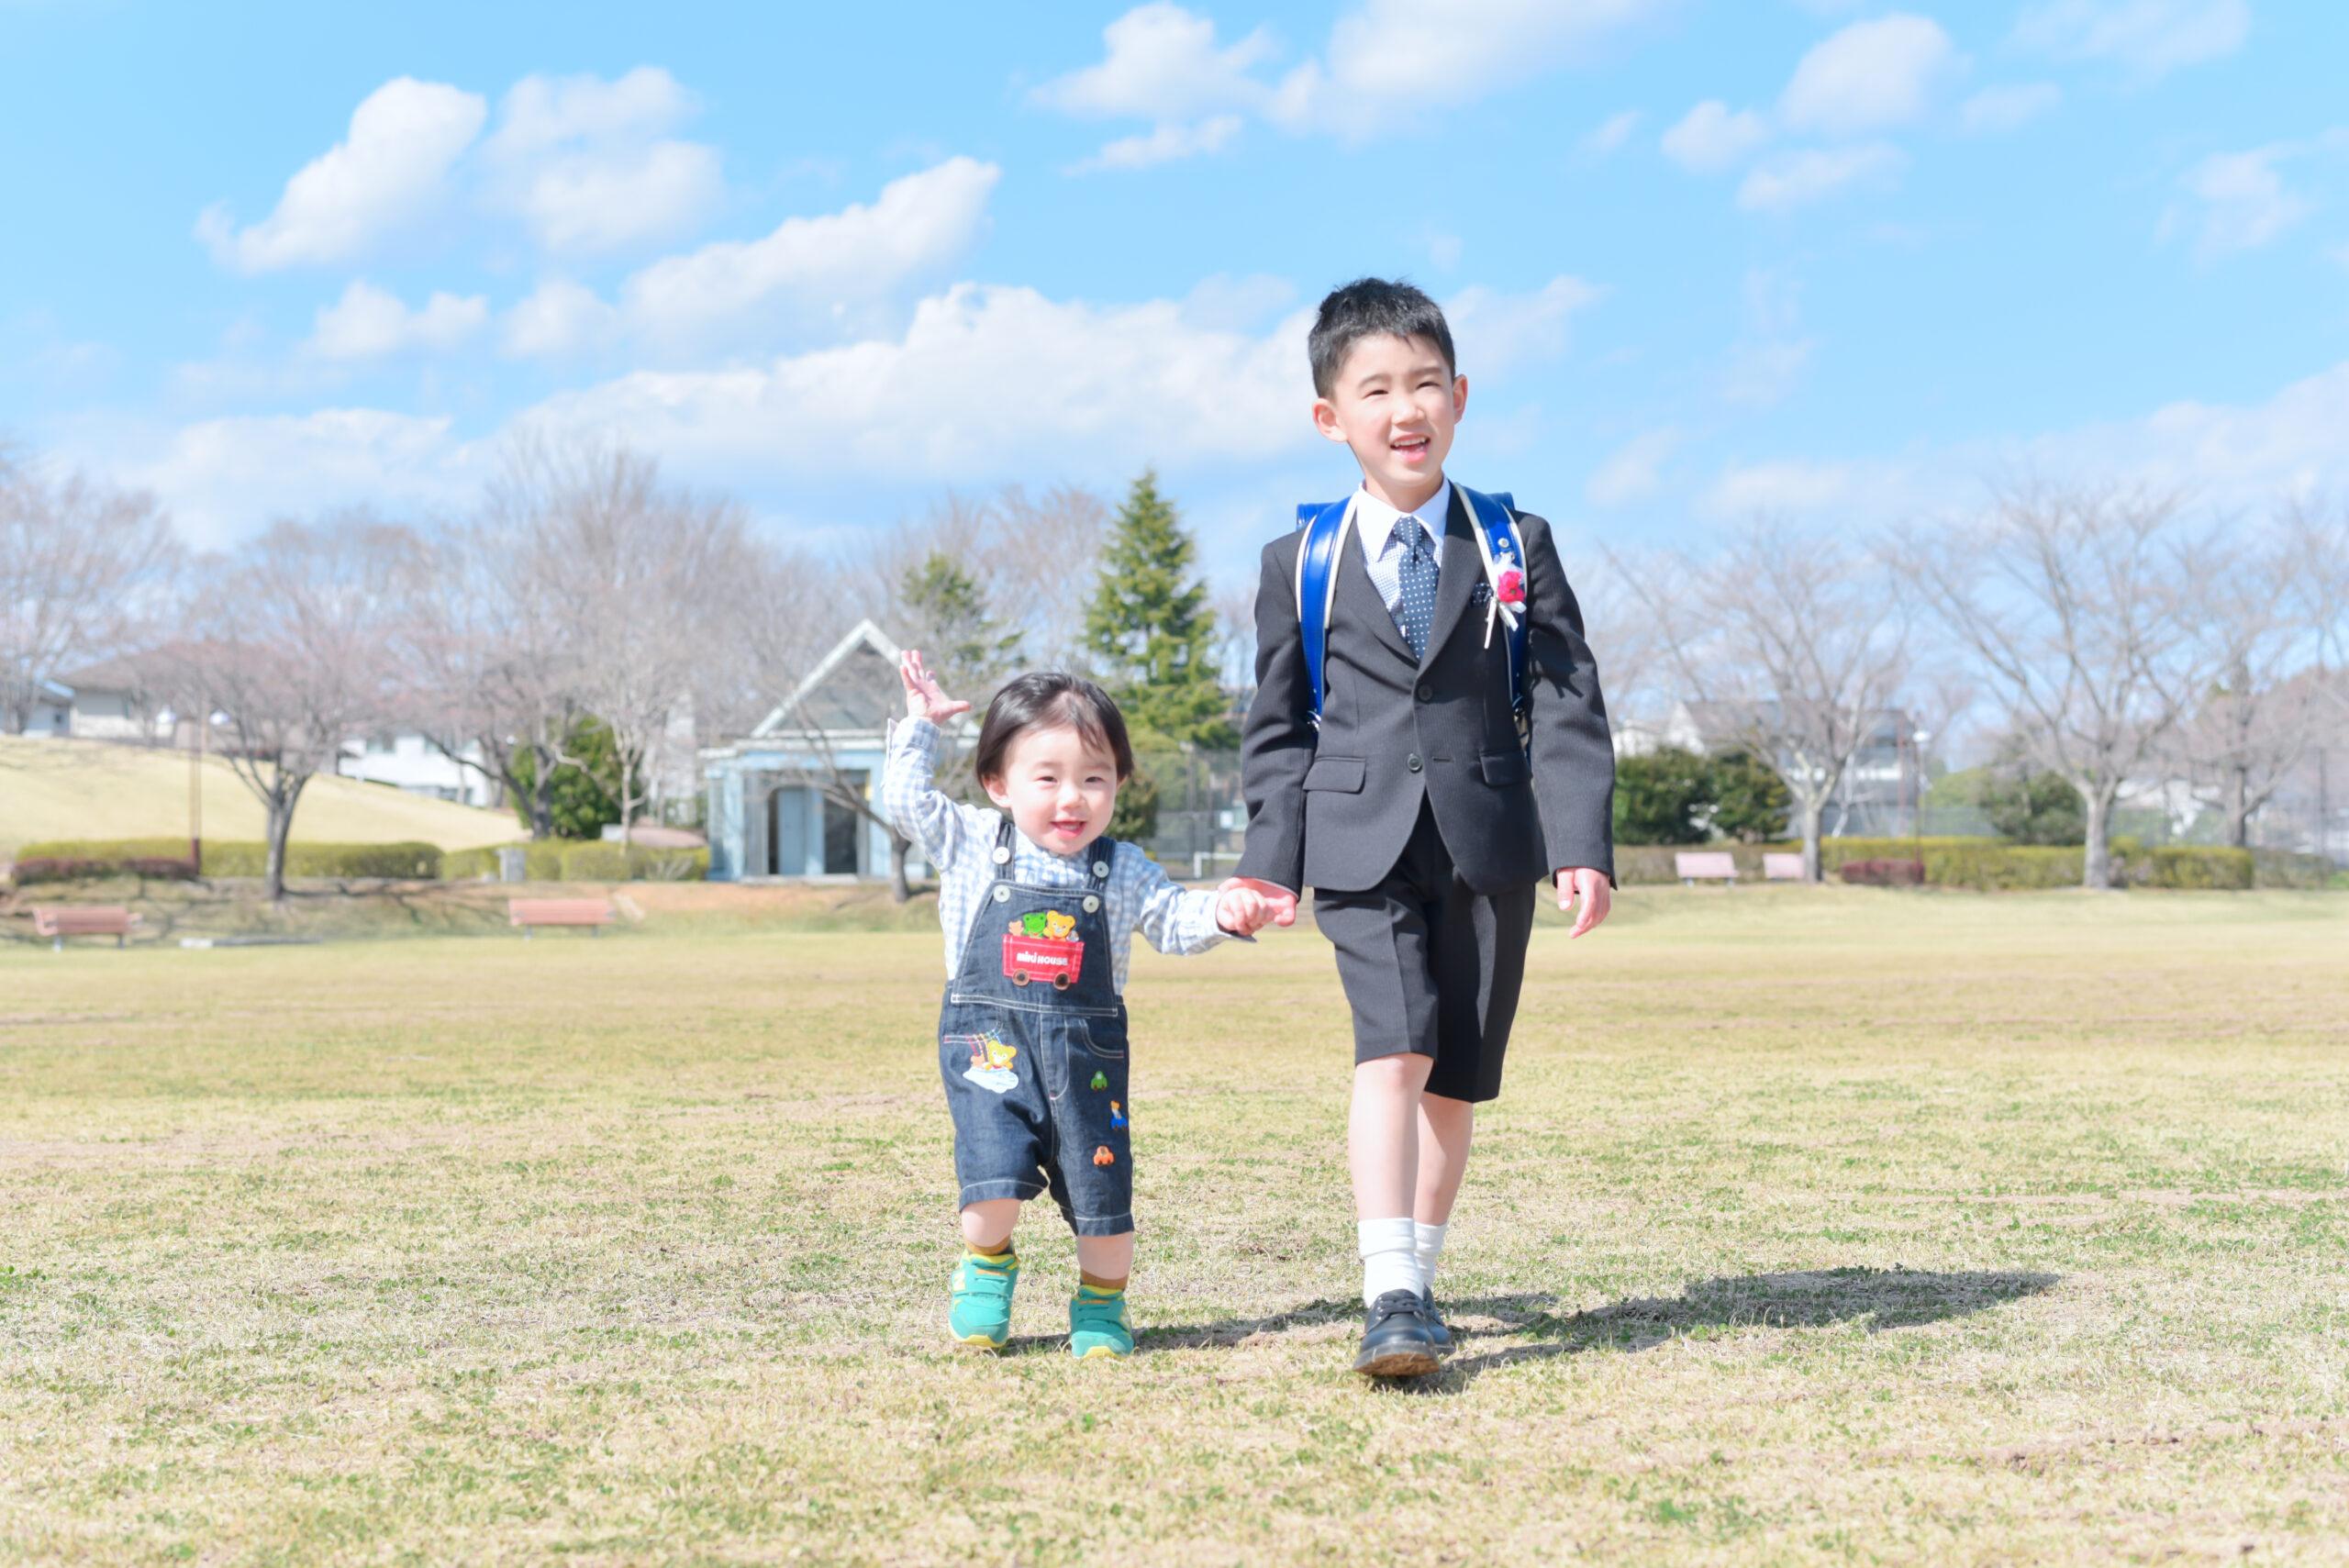 6歳男の子 小学校入学写真 ランドセルと写真 幼稚園卒業写真 おめでとう! 弟と一緒にハイチーズ